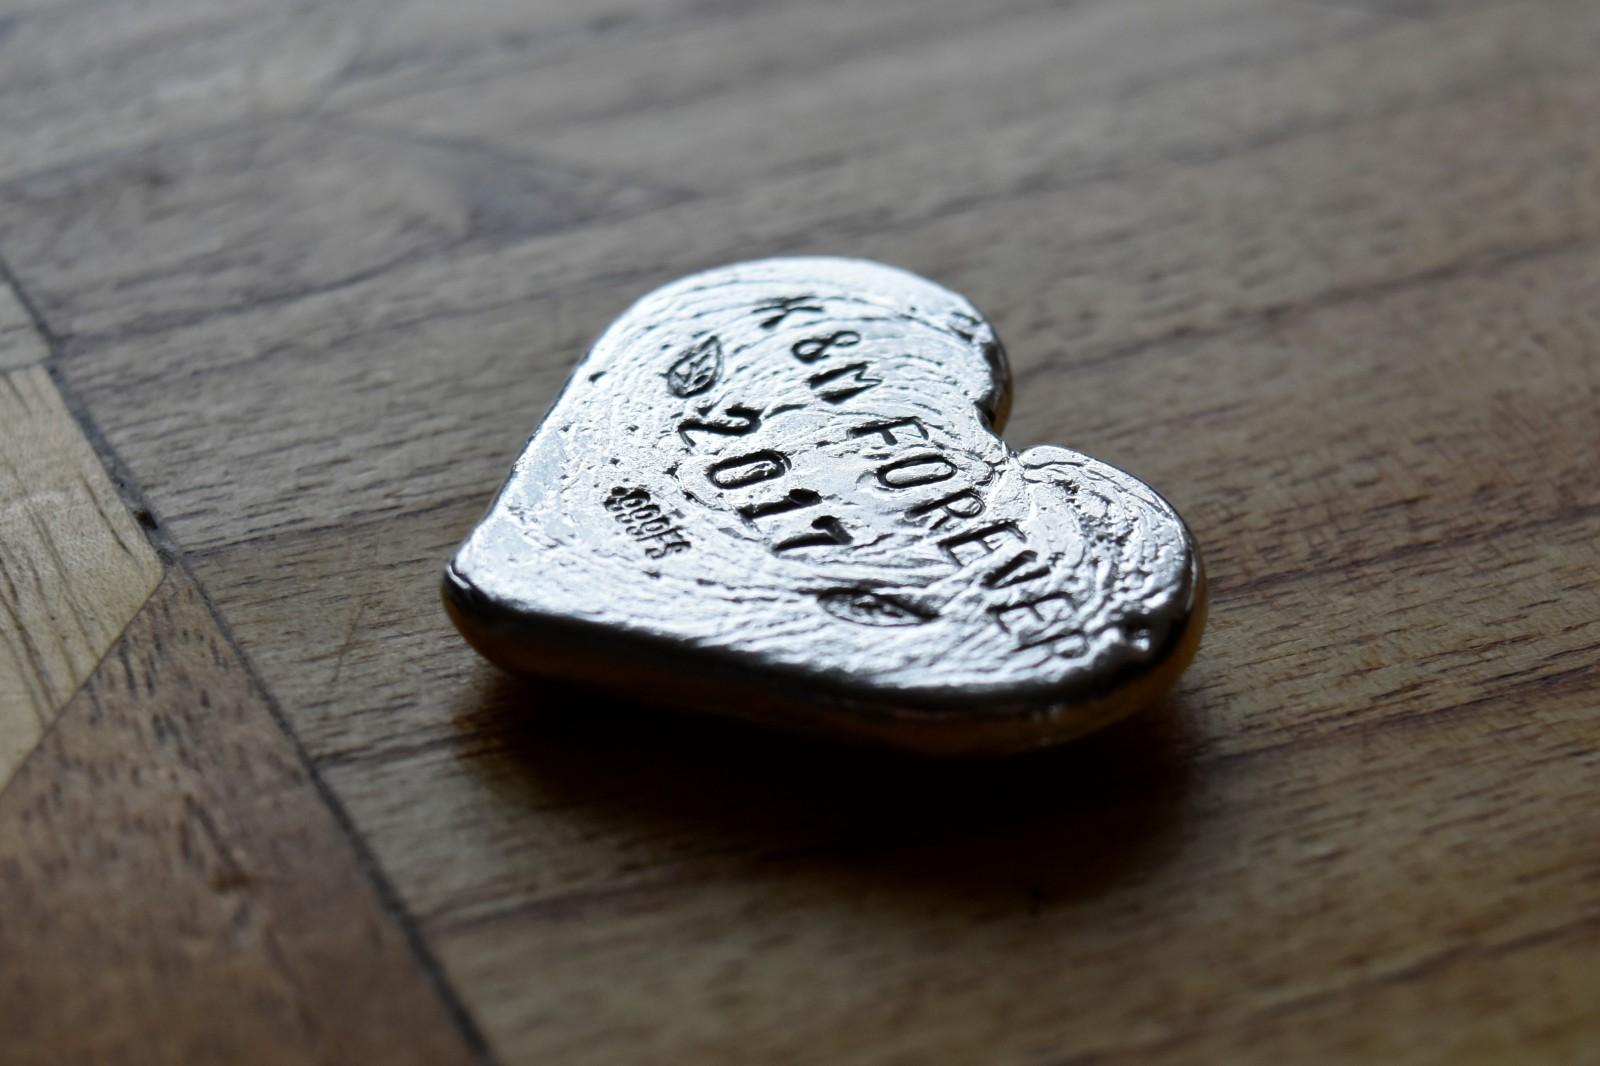 Kia's Heart